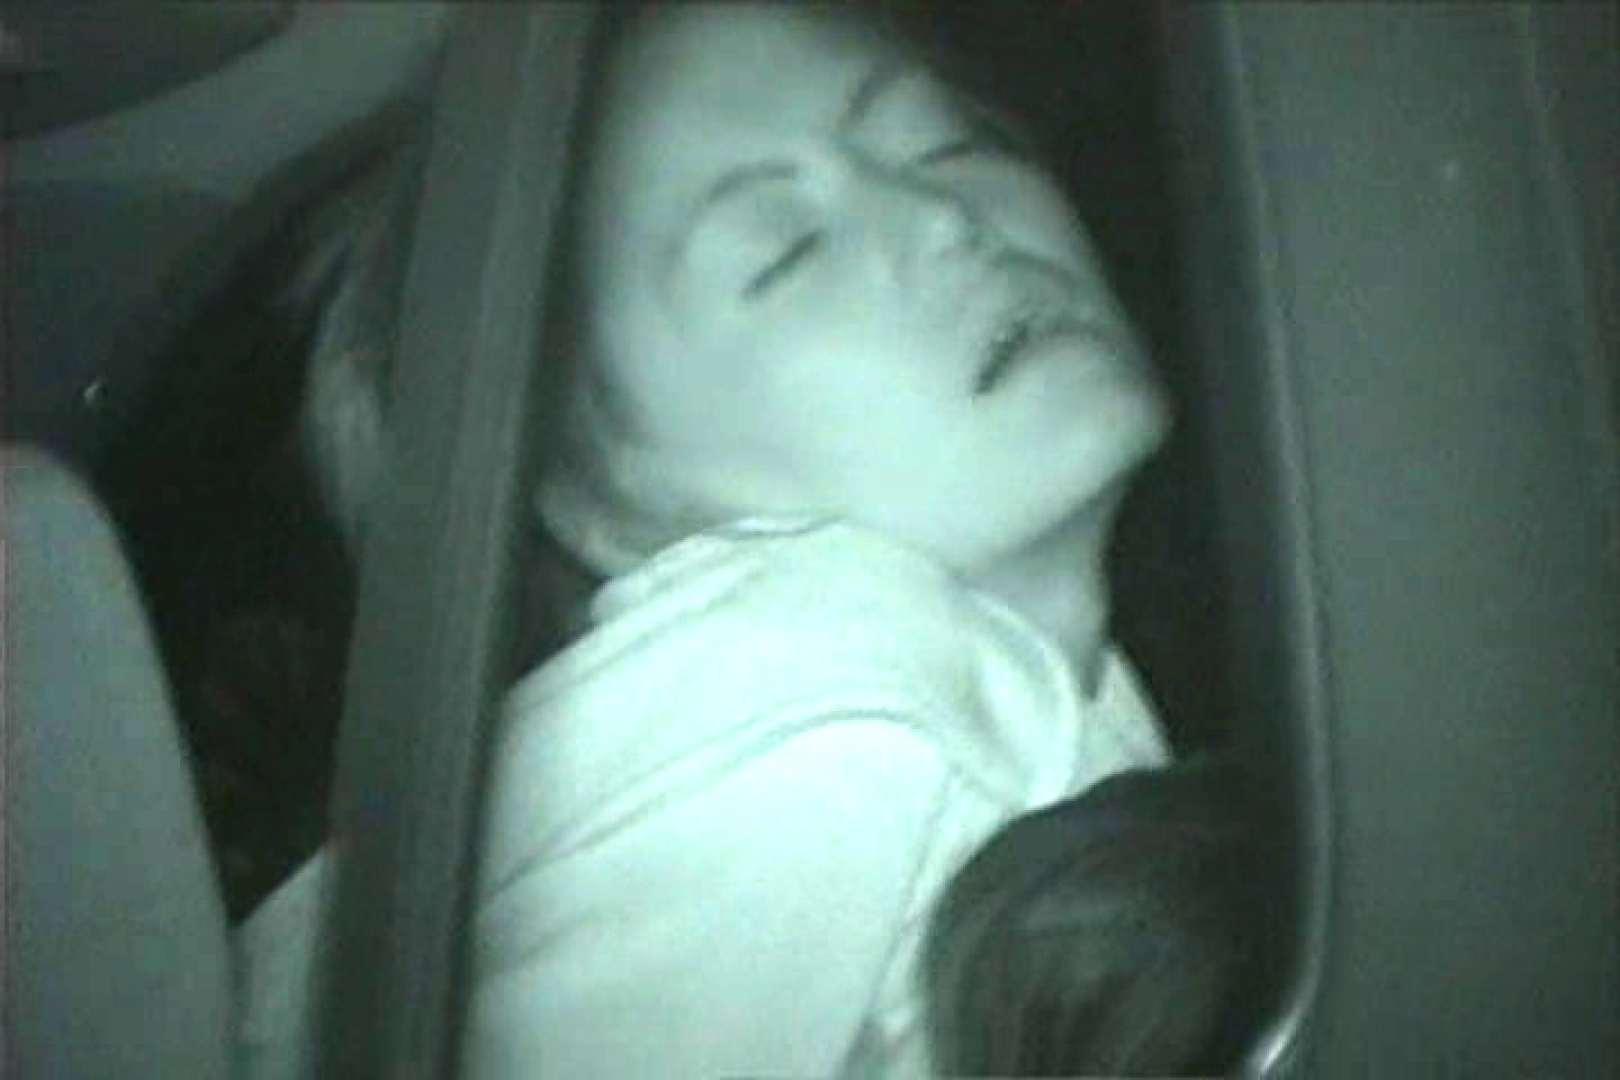 車の中はラブホテル 無修正版  Vol.24 車 AV動画キャプチャ 48画像 36